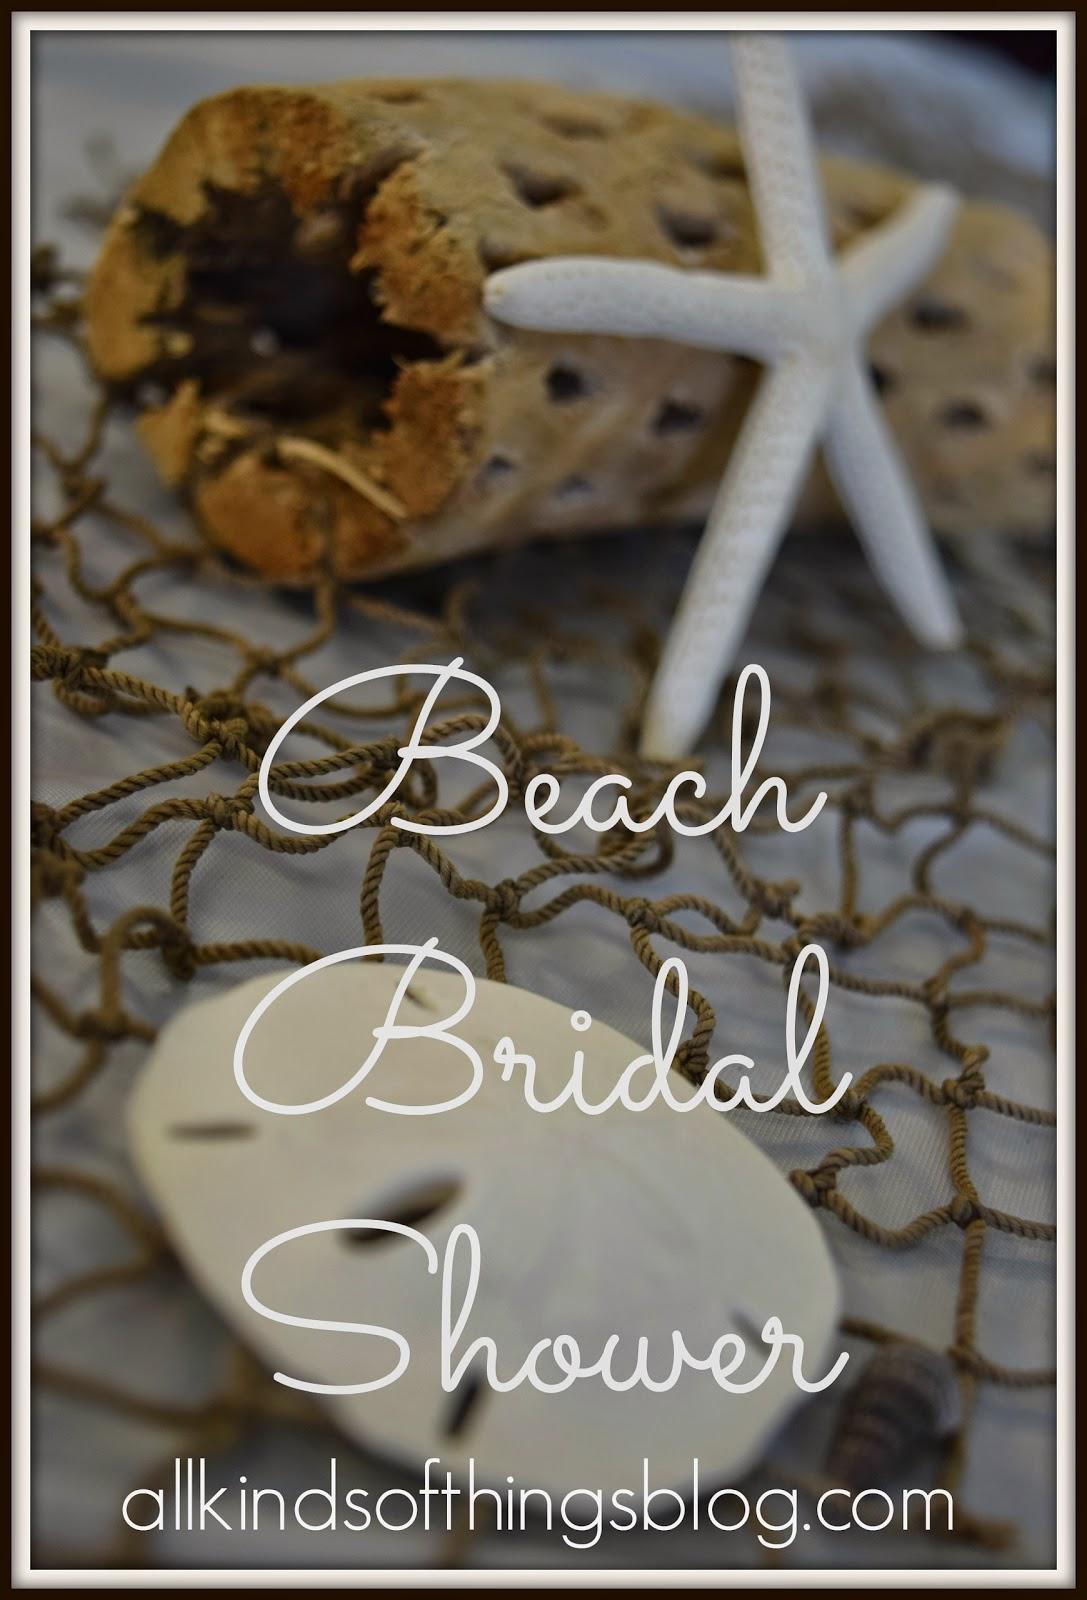 Beach Bridal Shower